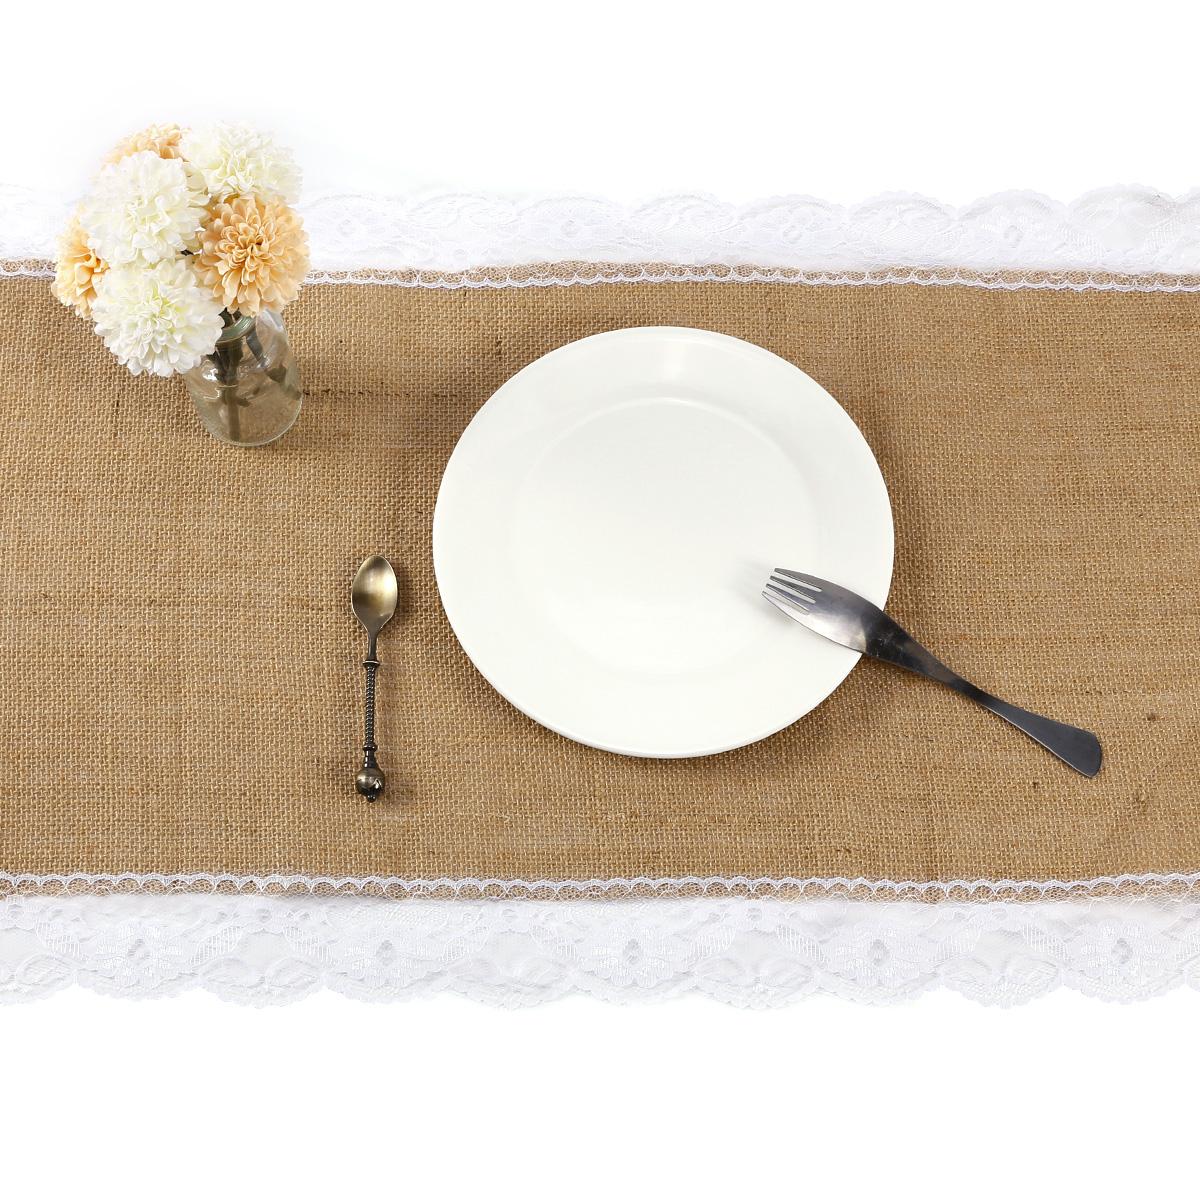 180 220cm tischl ufer tischband l ufer sackleinen spitze borte hochzeit deko ebay. Black Bedroom Furniture Sets. Home Design Ideas